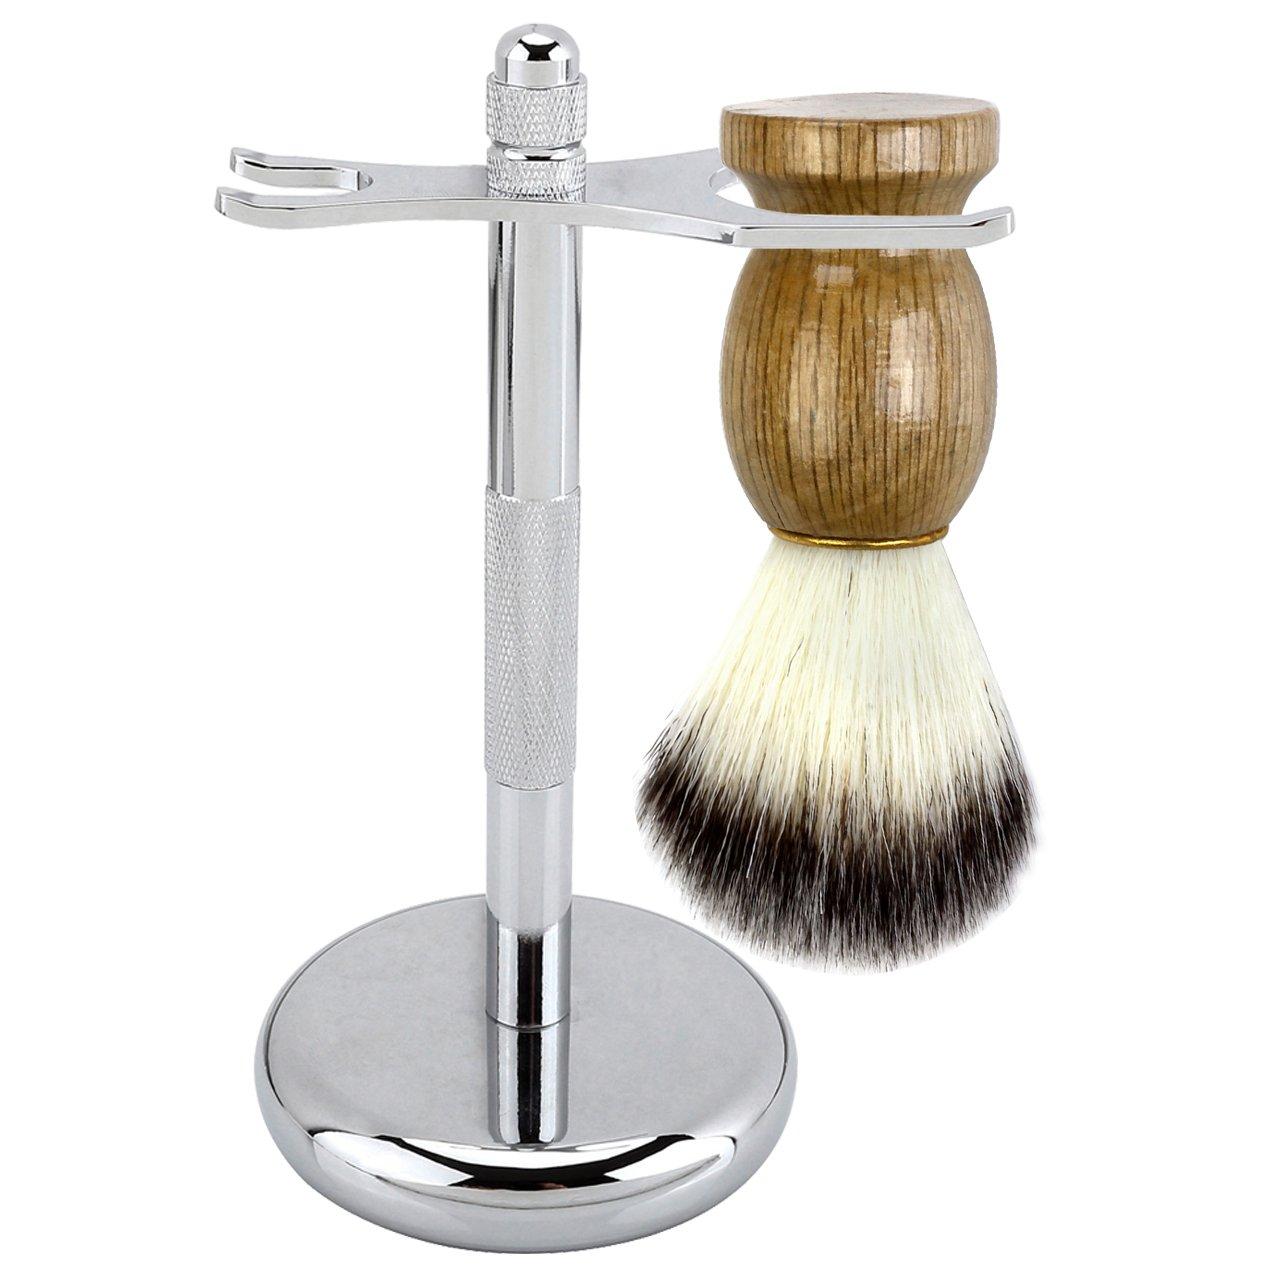 faleto 2en 1Kit de afeitar Afeitado con brocha de afeitar Afeitado (Maquinilla de Afeitar Razor Stand para hombres y brocha de afeitar–Aleación de aluminio y aleación de cinc, Plata